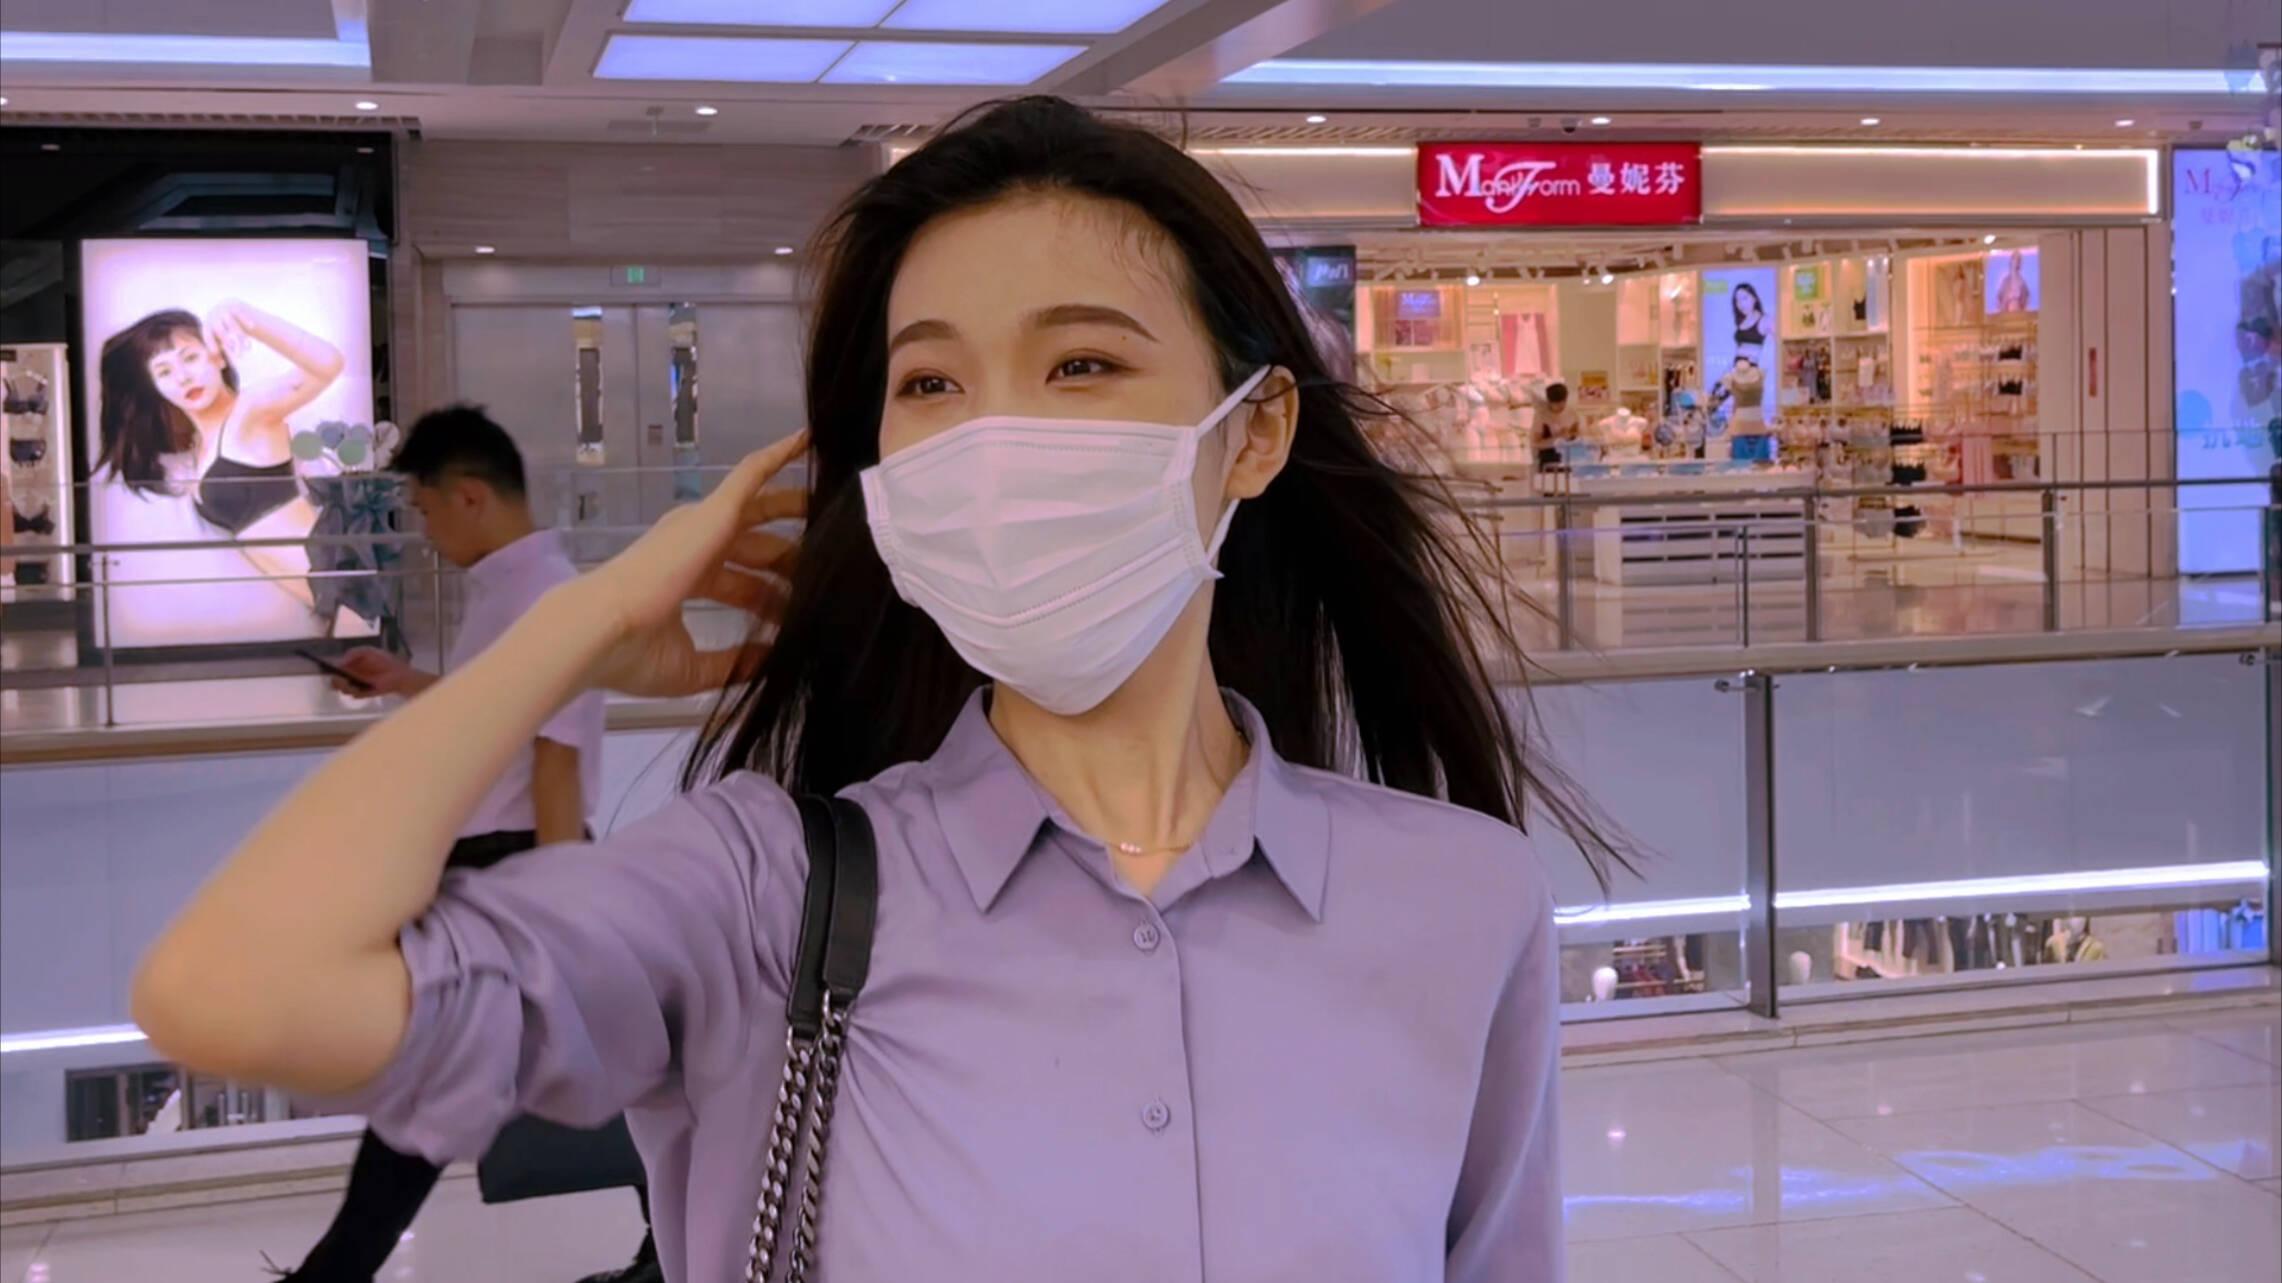 靓丽发型和口罩更配哦!理发店的这些防疫小贴士,你Get了吗?